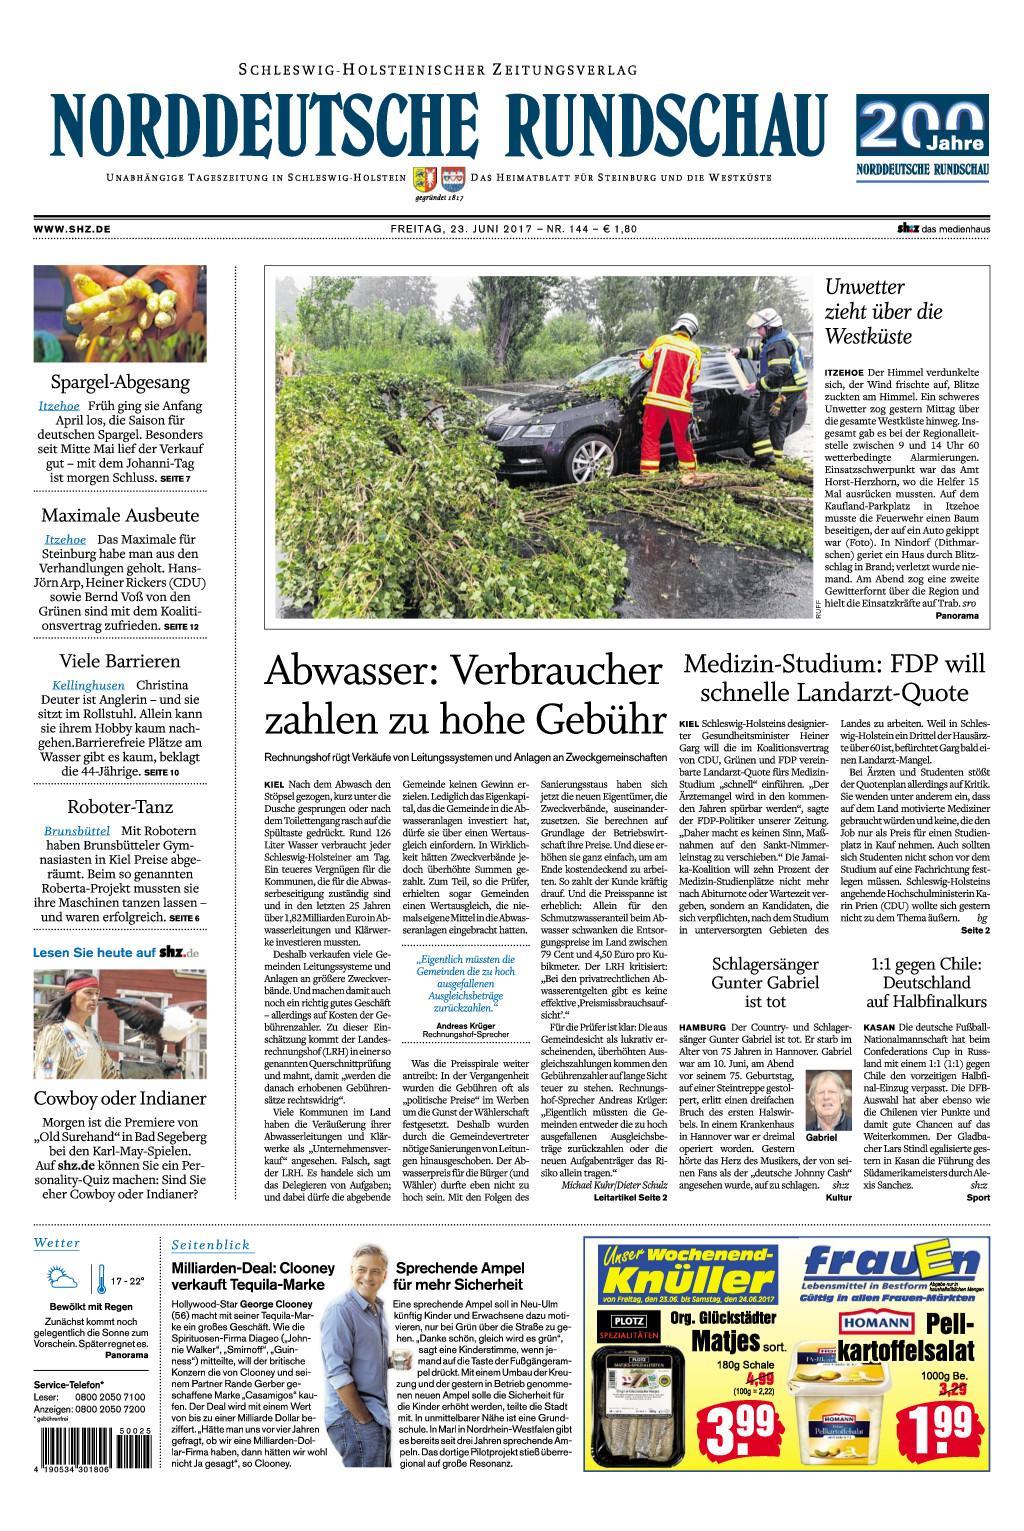 Nrrddeutsche Rundschau 23 Juni 2017